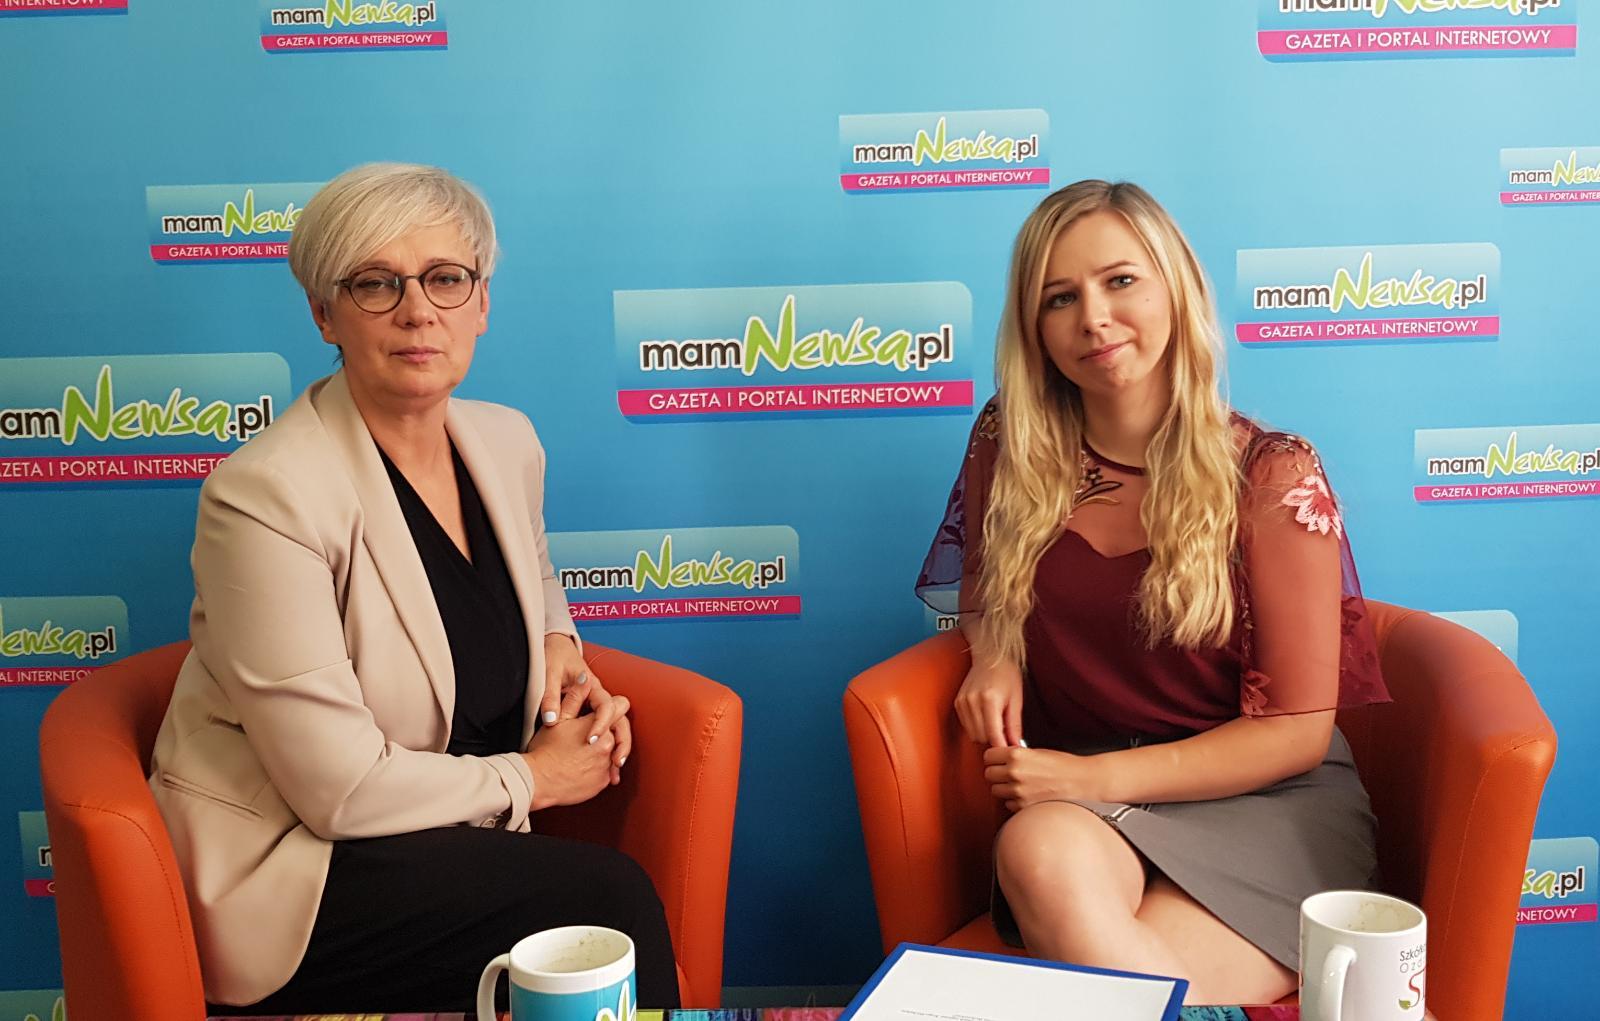 Rozmowy przy kawie z mamNewsa.pl. Dorota Niedziela: rząd premiera Morawickiego to leniwy rząd